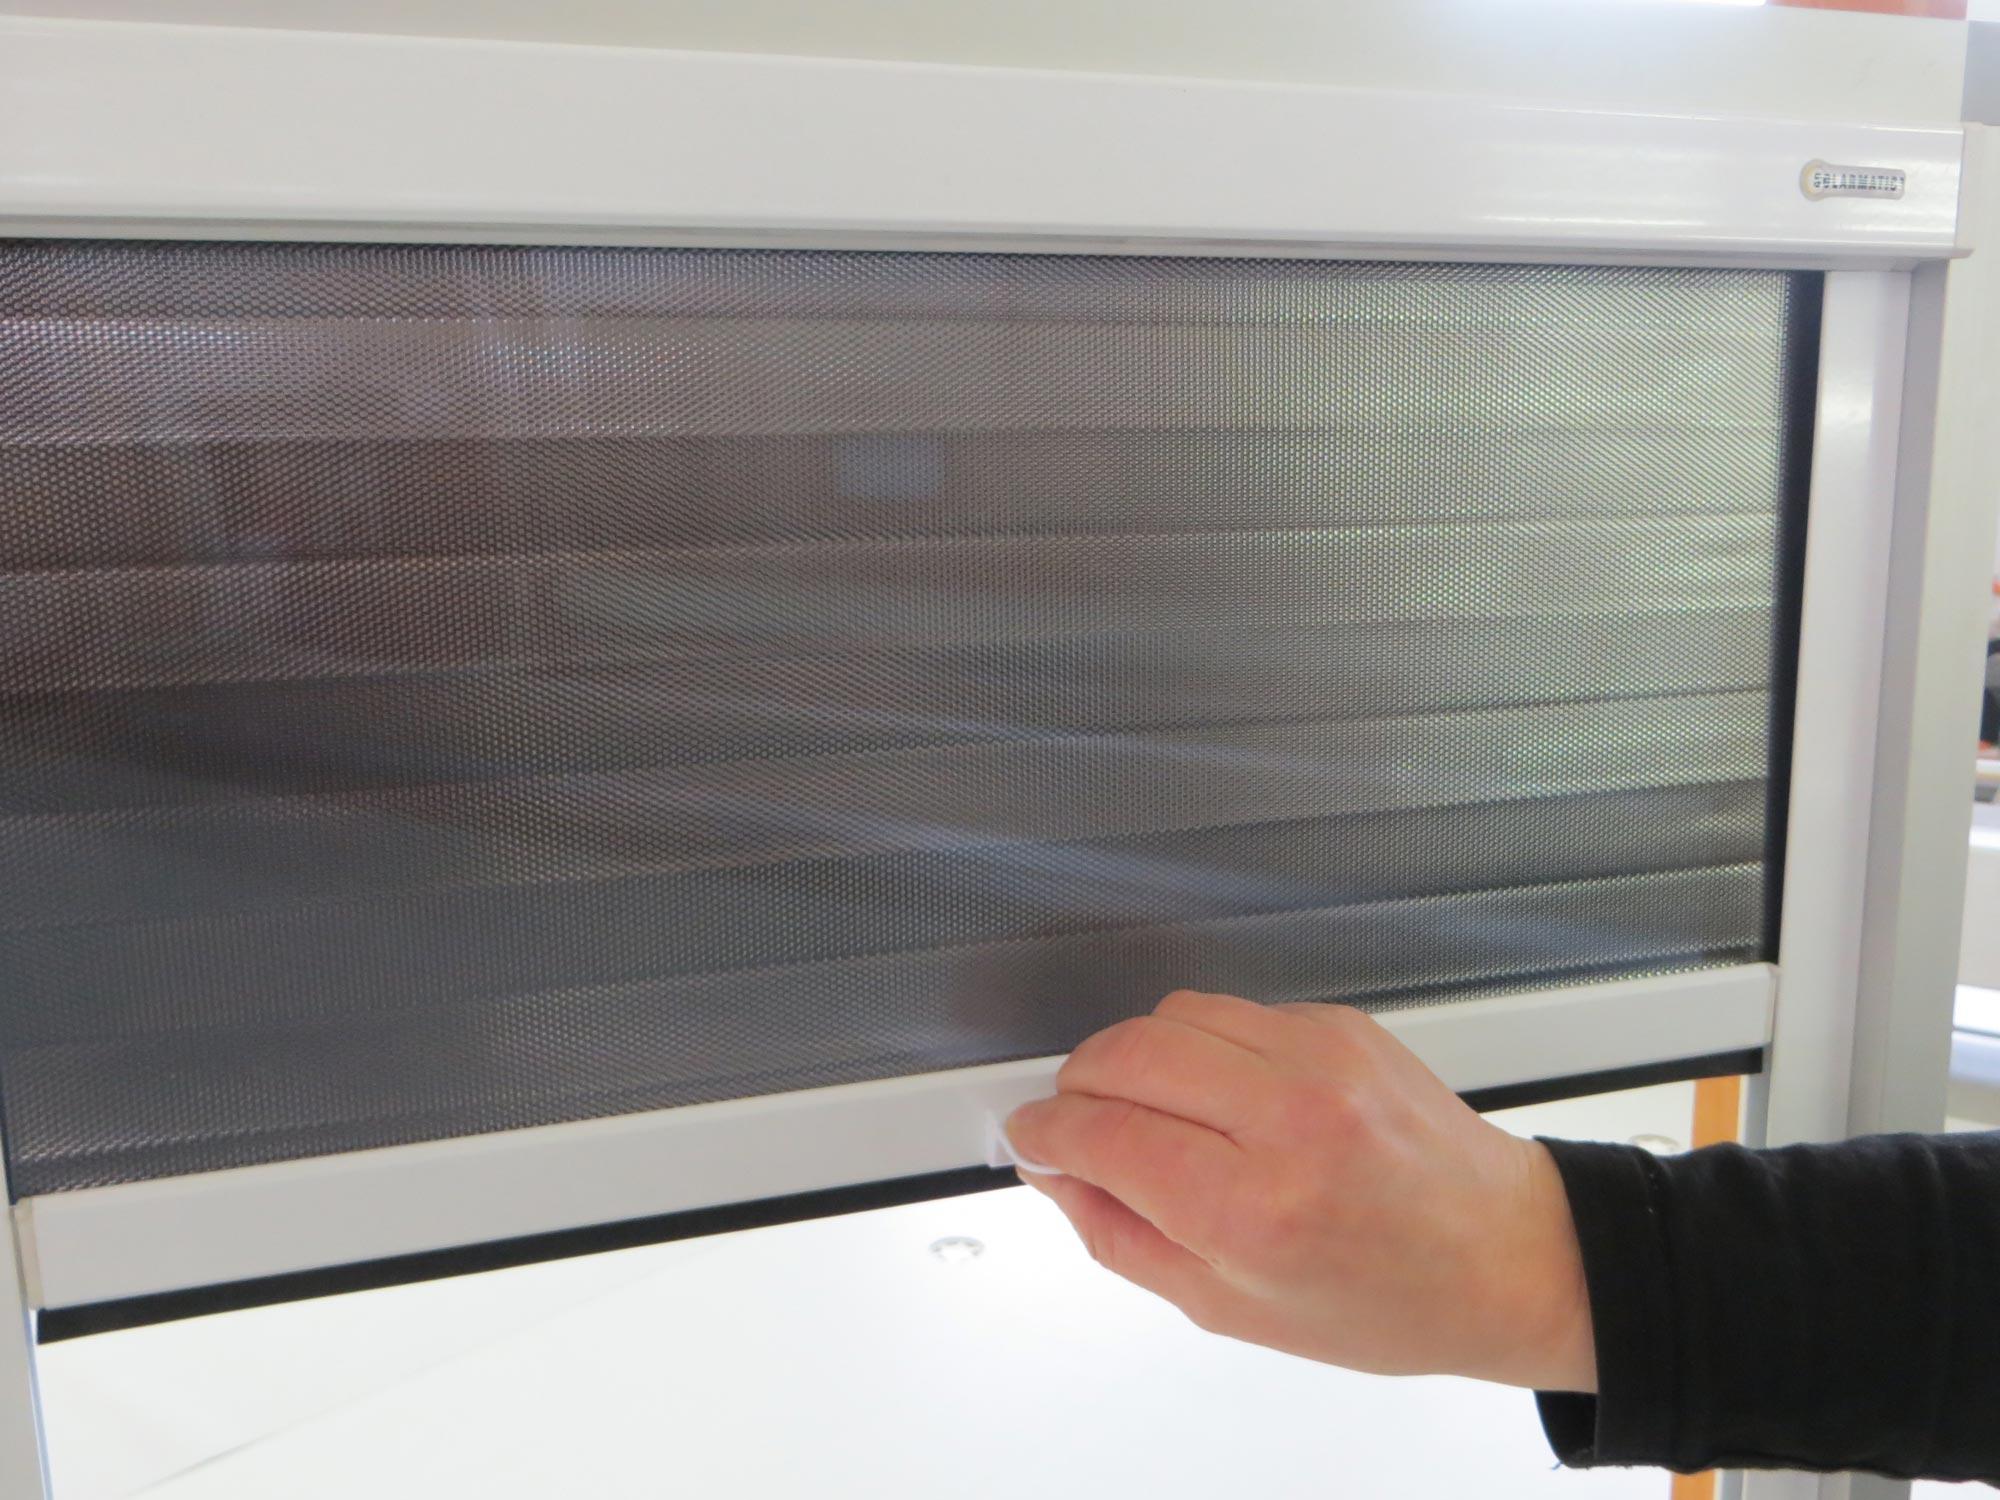 Full Size of Sonnenschutzfolie Fenster Innen Selbsthaftend Anbringen Doppelverglasung Test Montage Oder Aussen Obi Baumarkt Hitzeschutzfolie Einbruchschutz Nachrüsten Mit Fenster Sonnenschutzfolie Fenster Innen